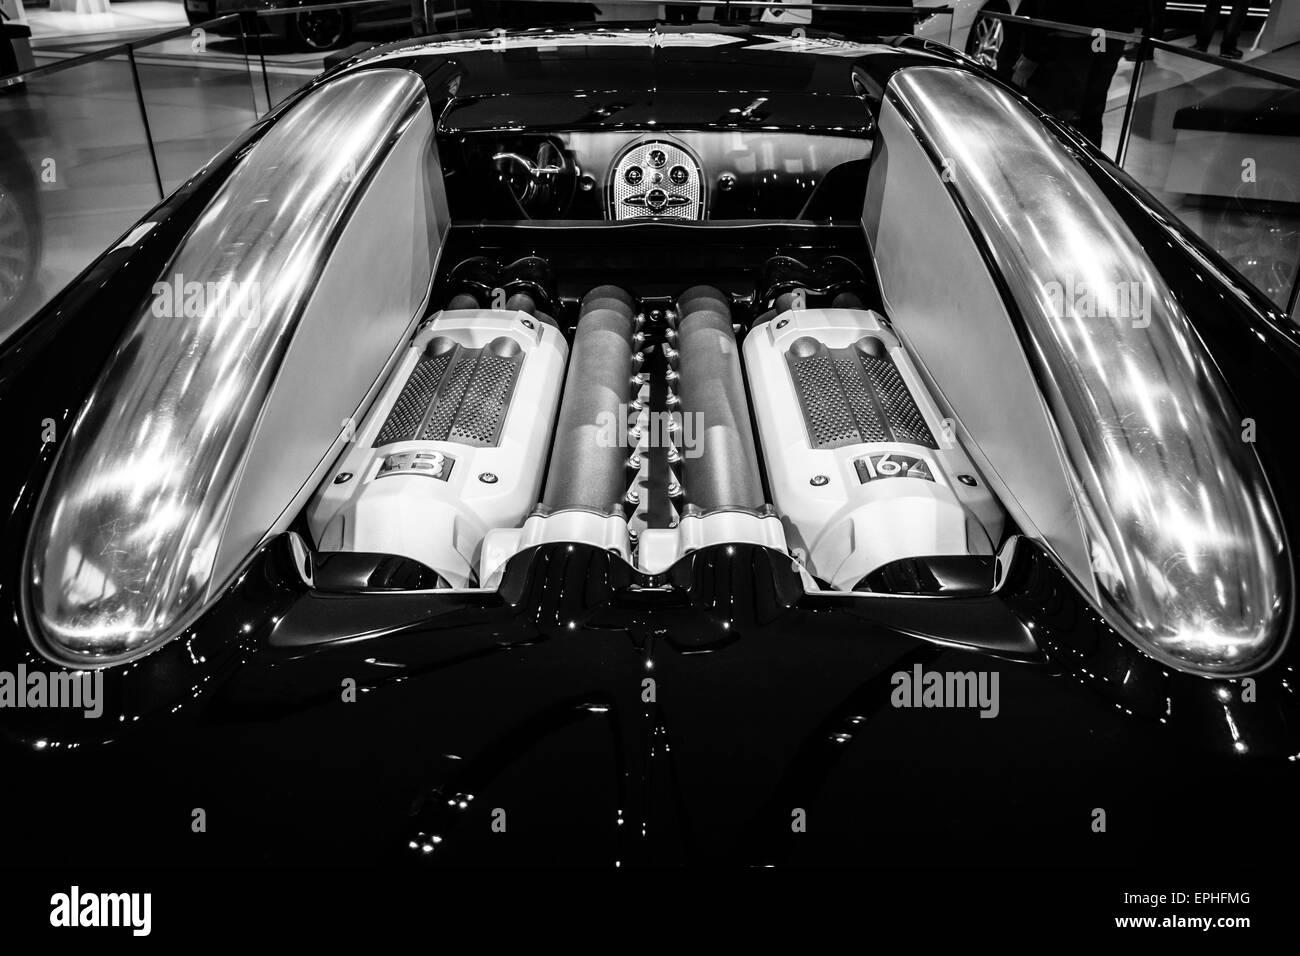 Engine Of A Supercar Bugatti Veyron Eb 16 4 Fastest Serial Car In